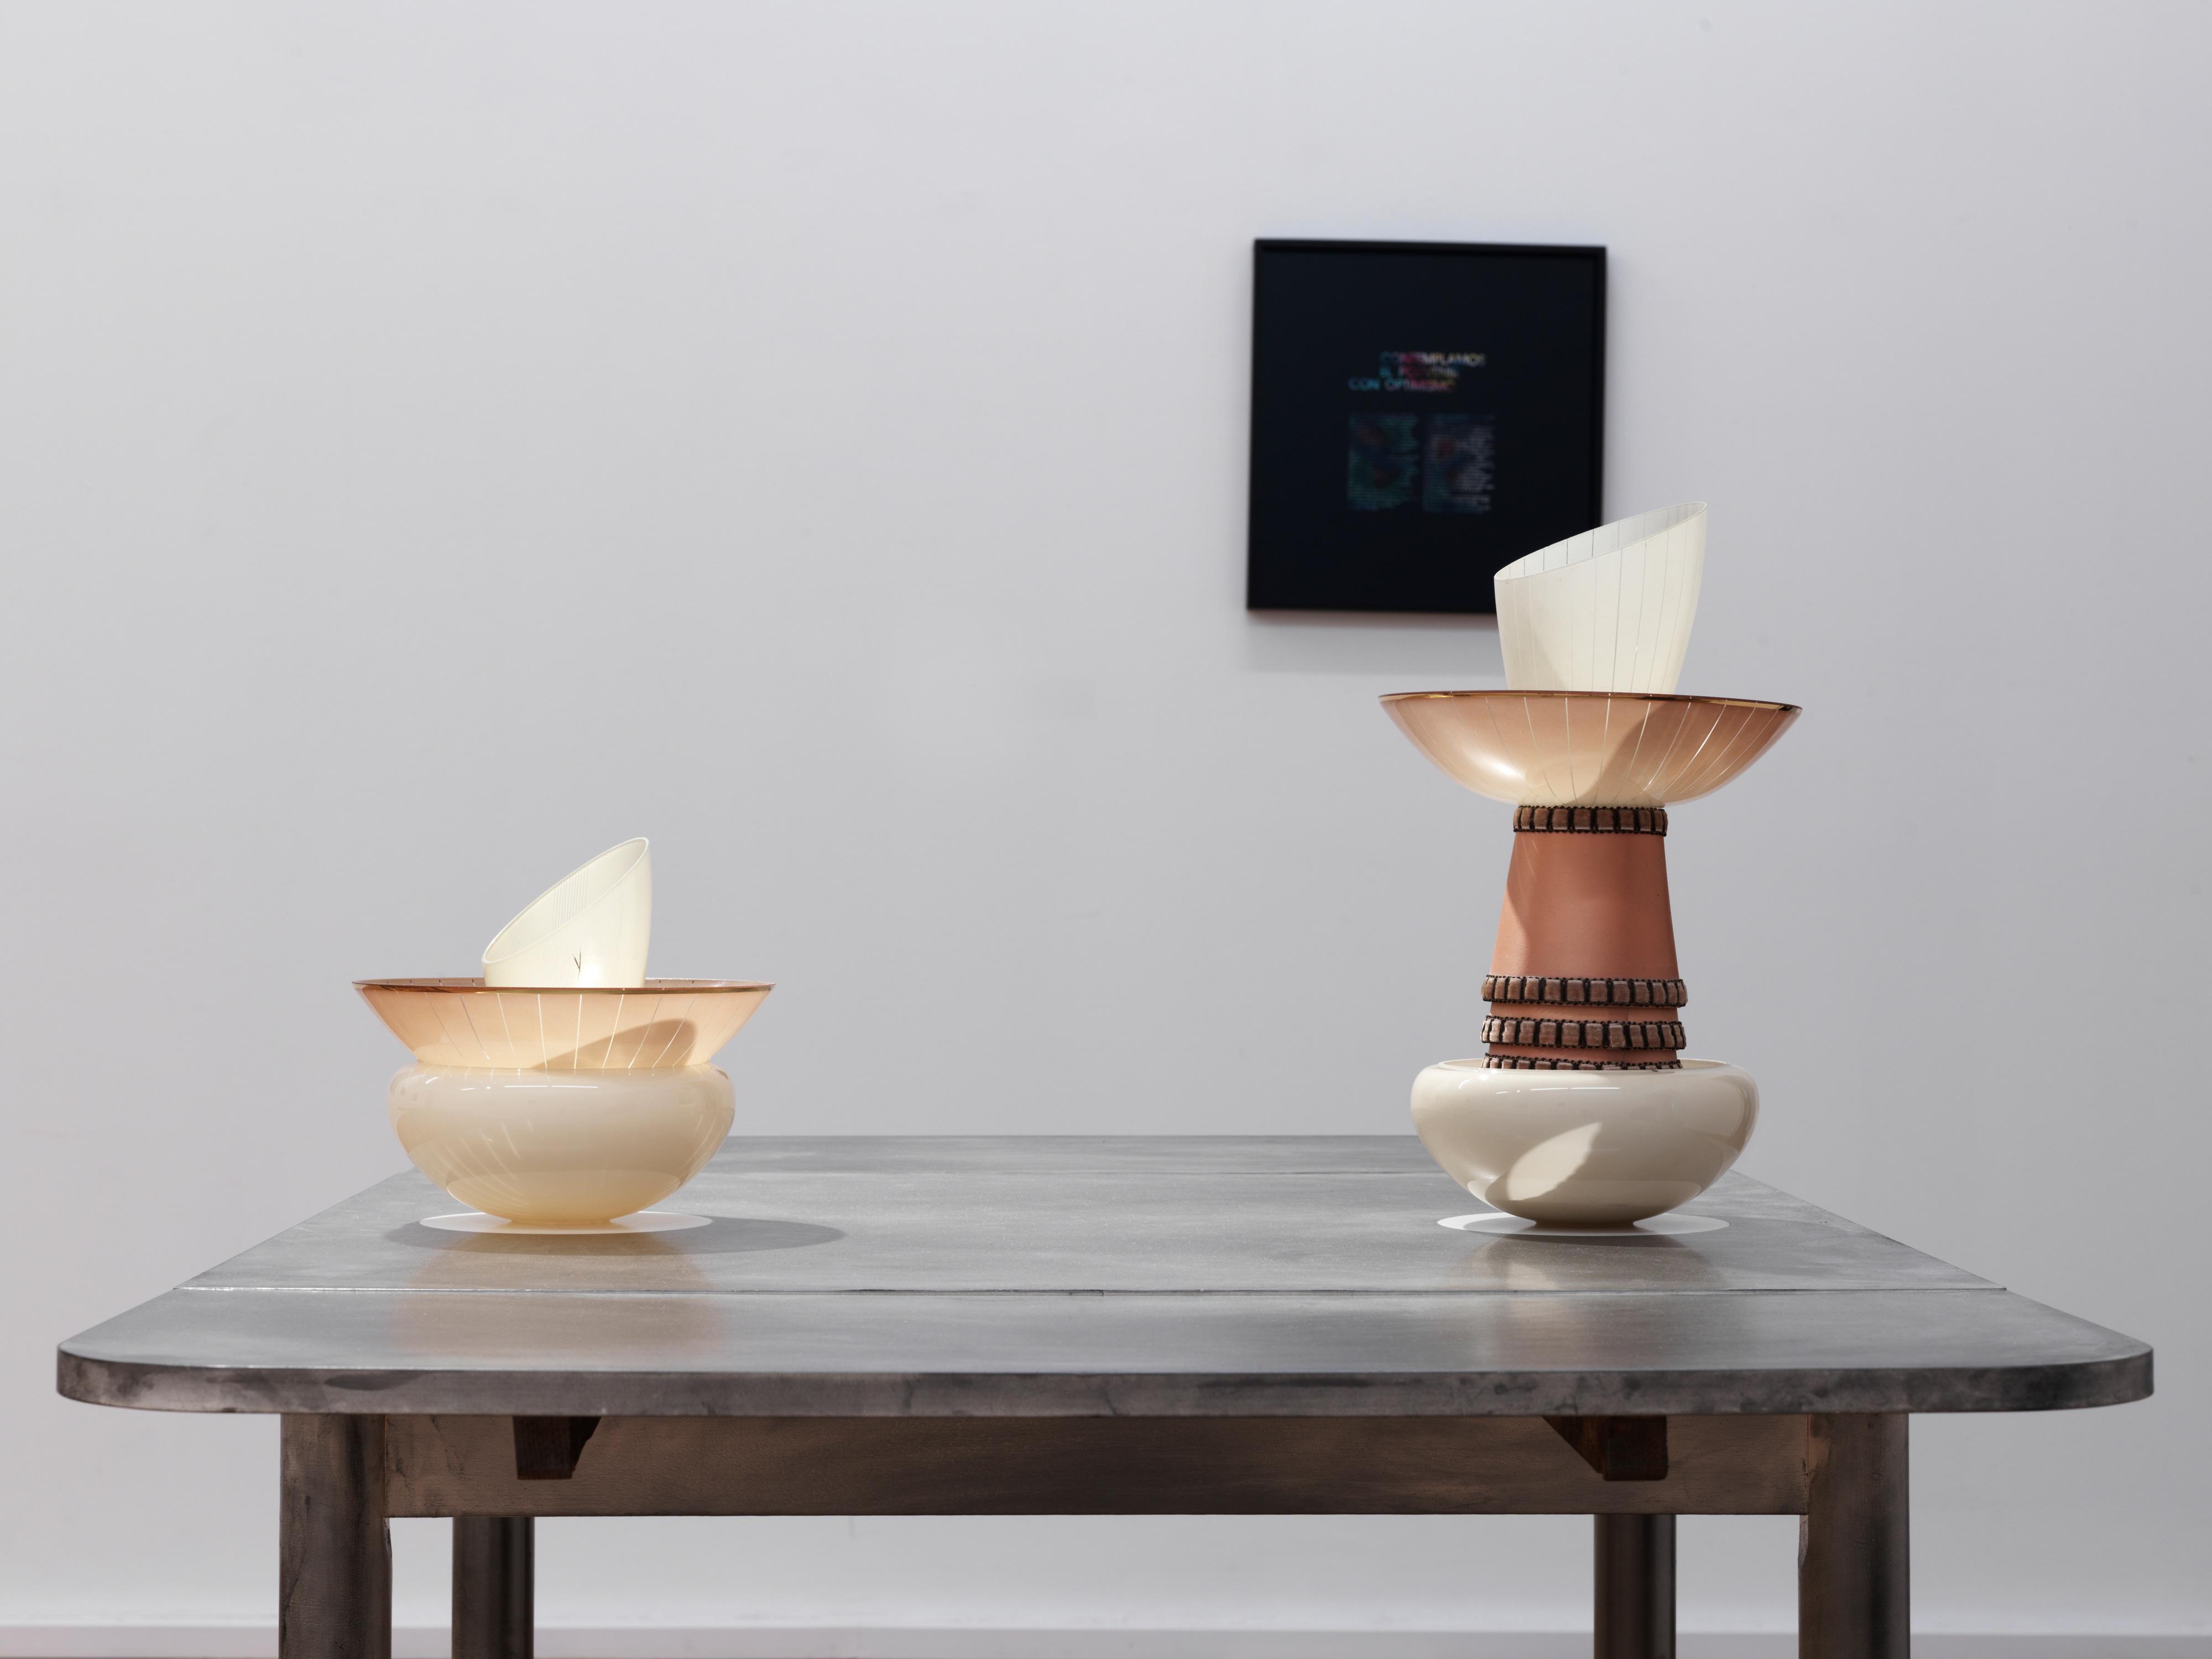 Galerie Barbara Thumm \ Diango Hernández – Losing you Tonight – 6. Rubensförderpreis der Stadt Siegen, Museum für Gegenwartskunst Siegen, Siegen, Germany